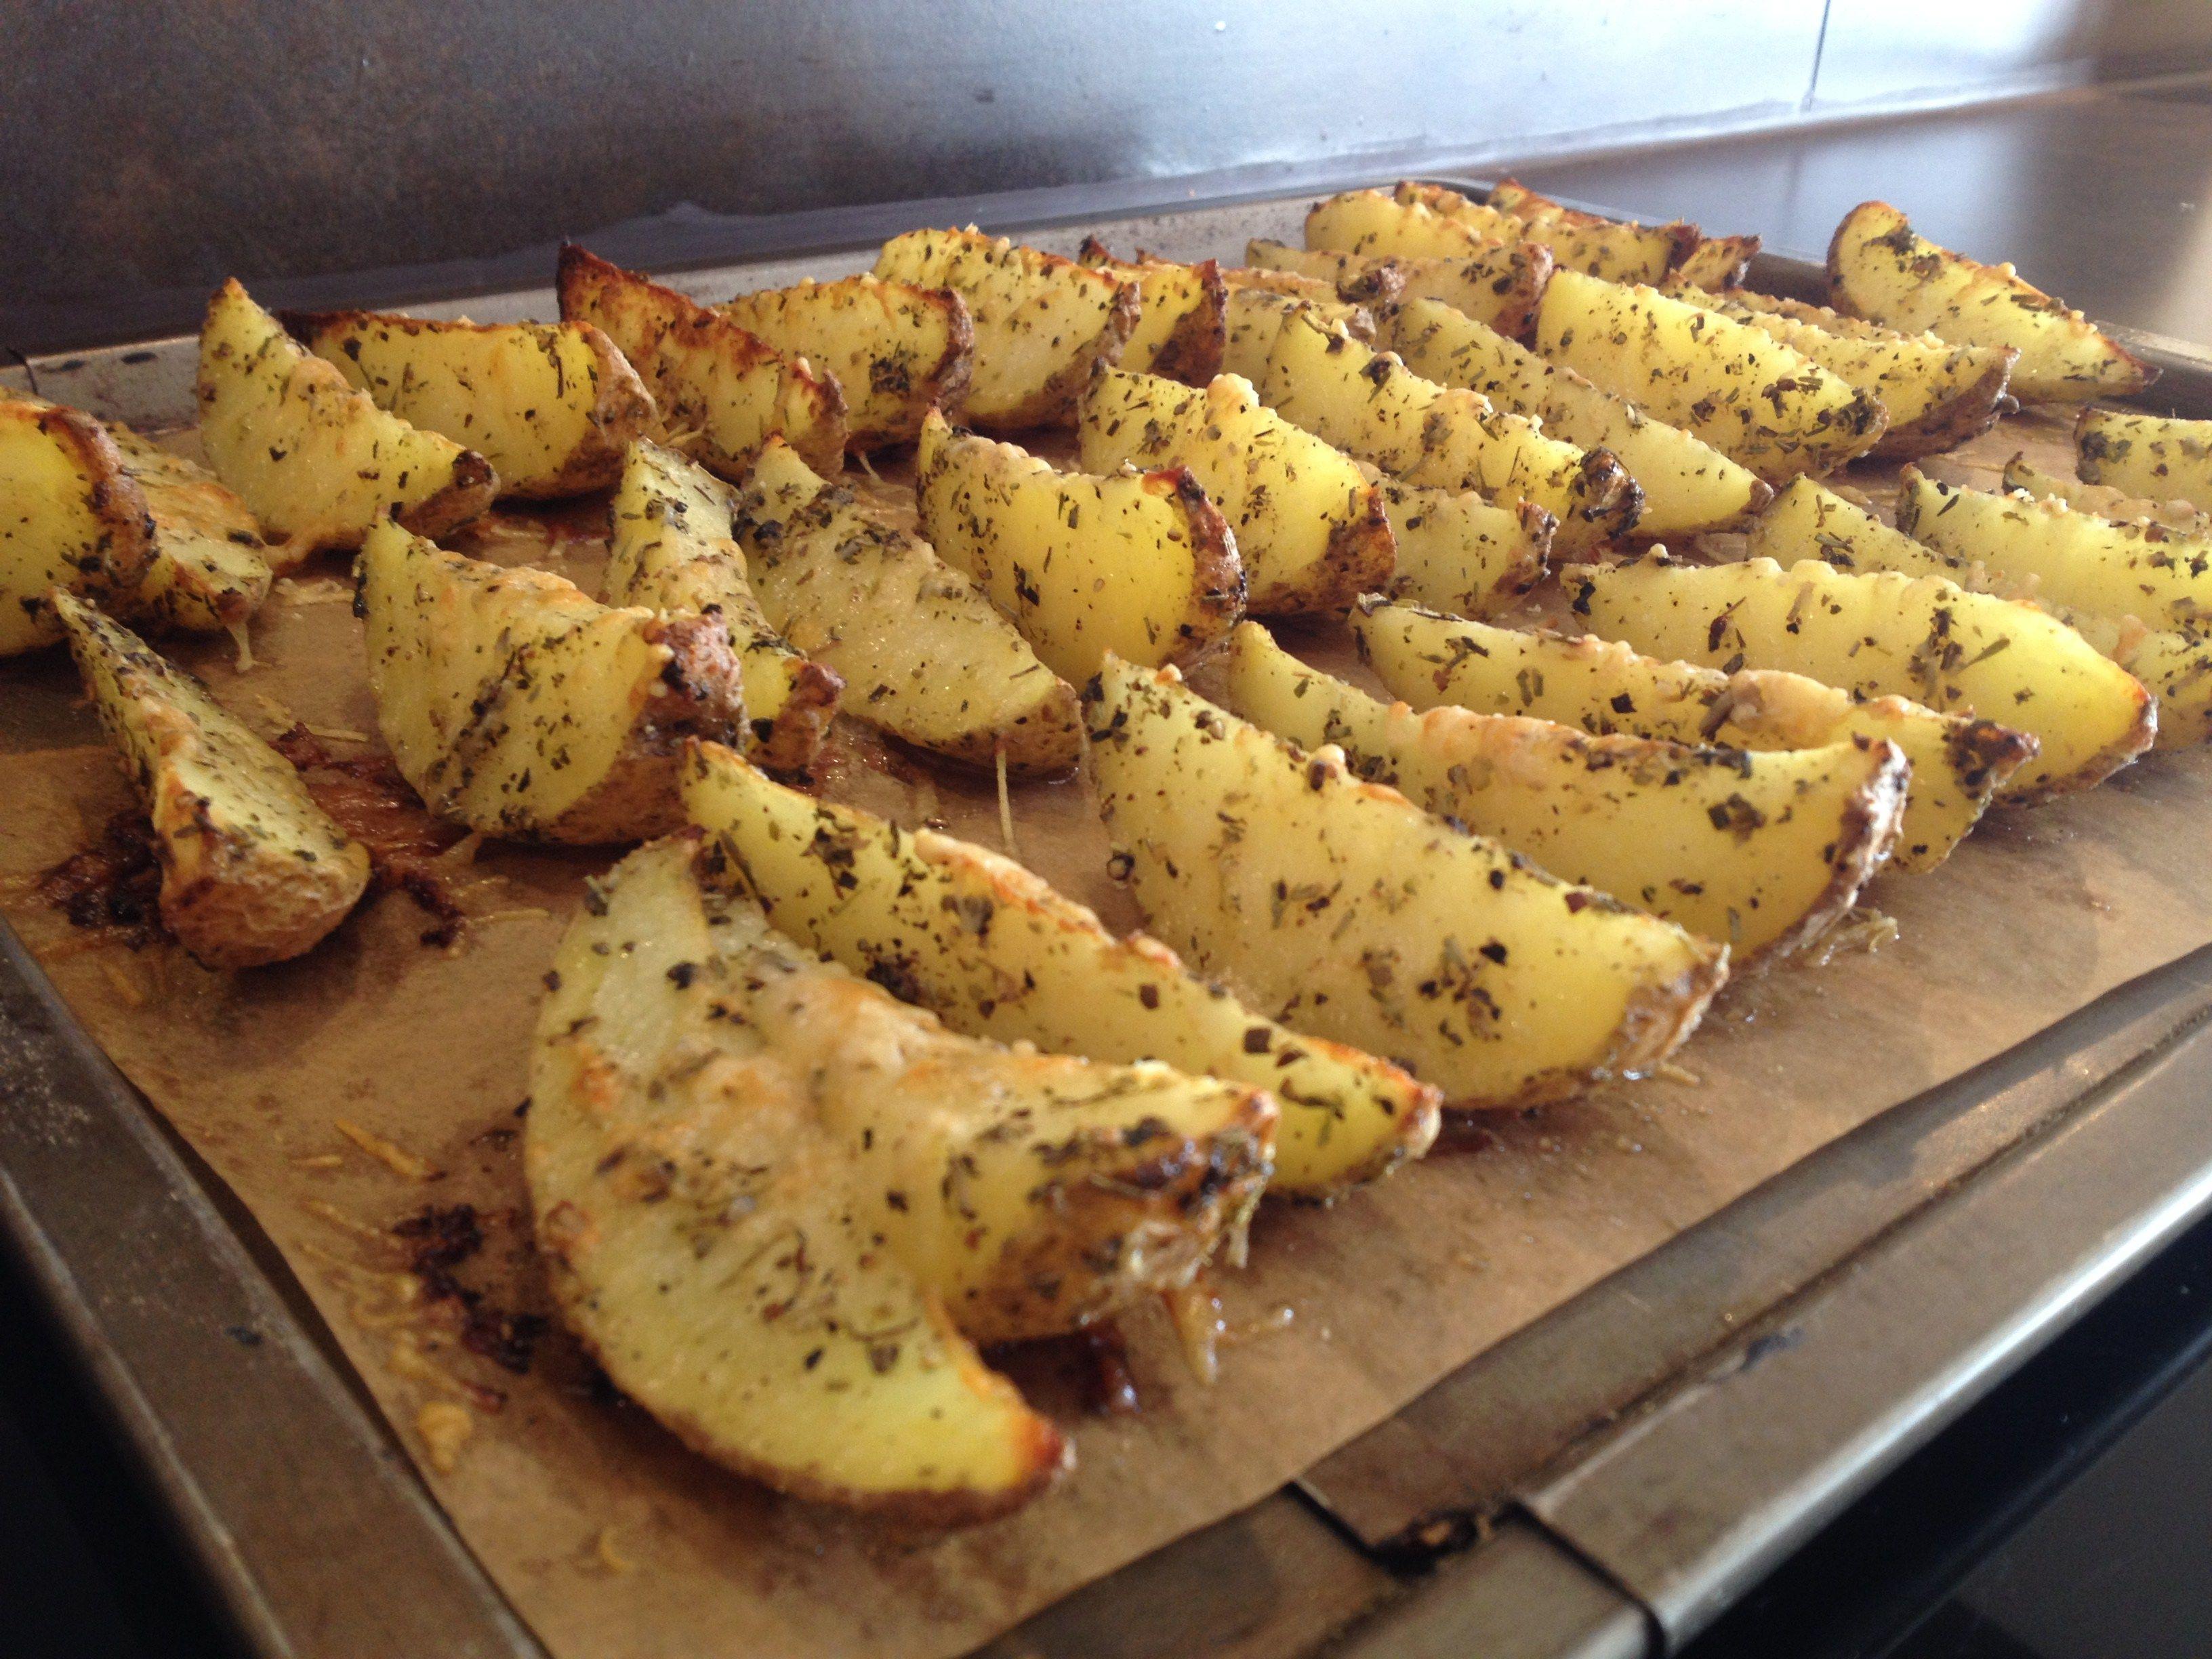 Knoblauch-Parmesan-Kartoffelecken - Herdgeflüster